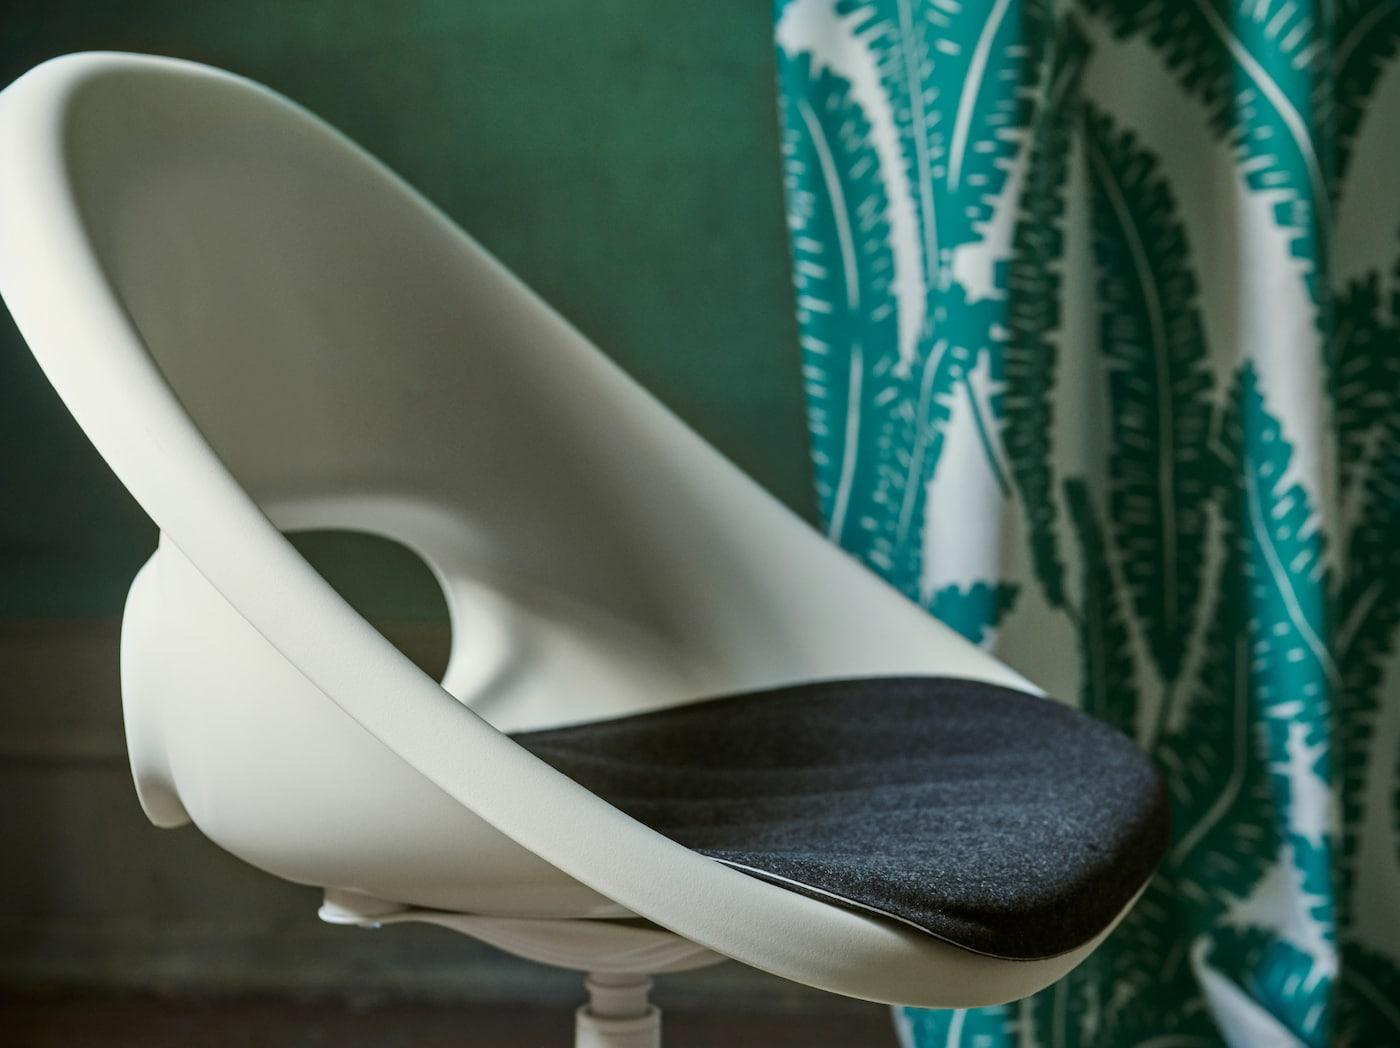 Detalle de la silla giratoria LOBERGET/BLYSKÄR blanca con un diseño retro redondeado en una habitación verde.